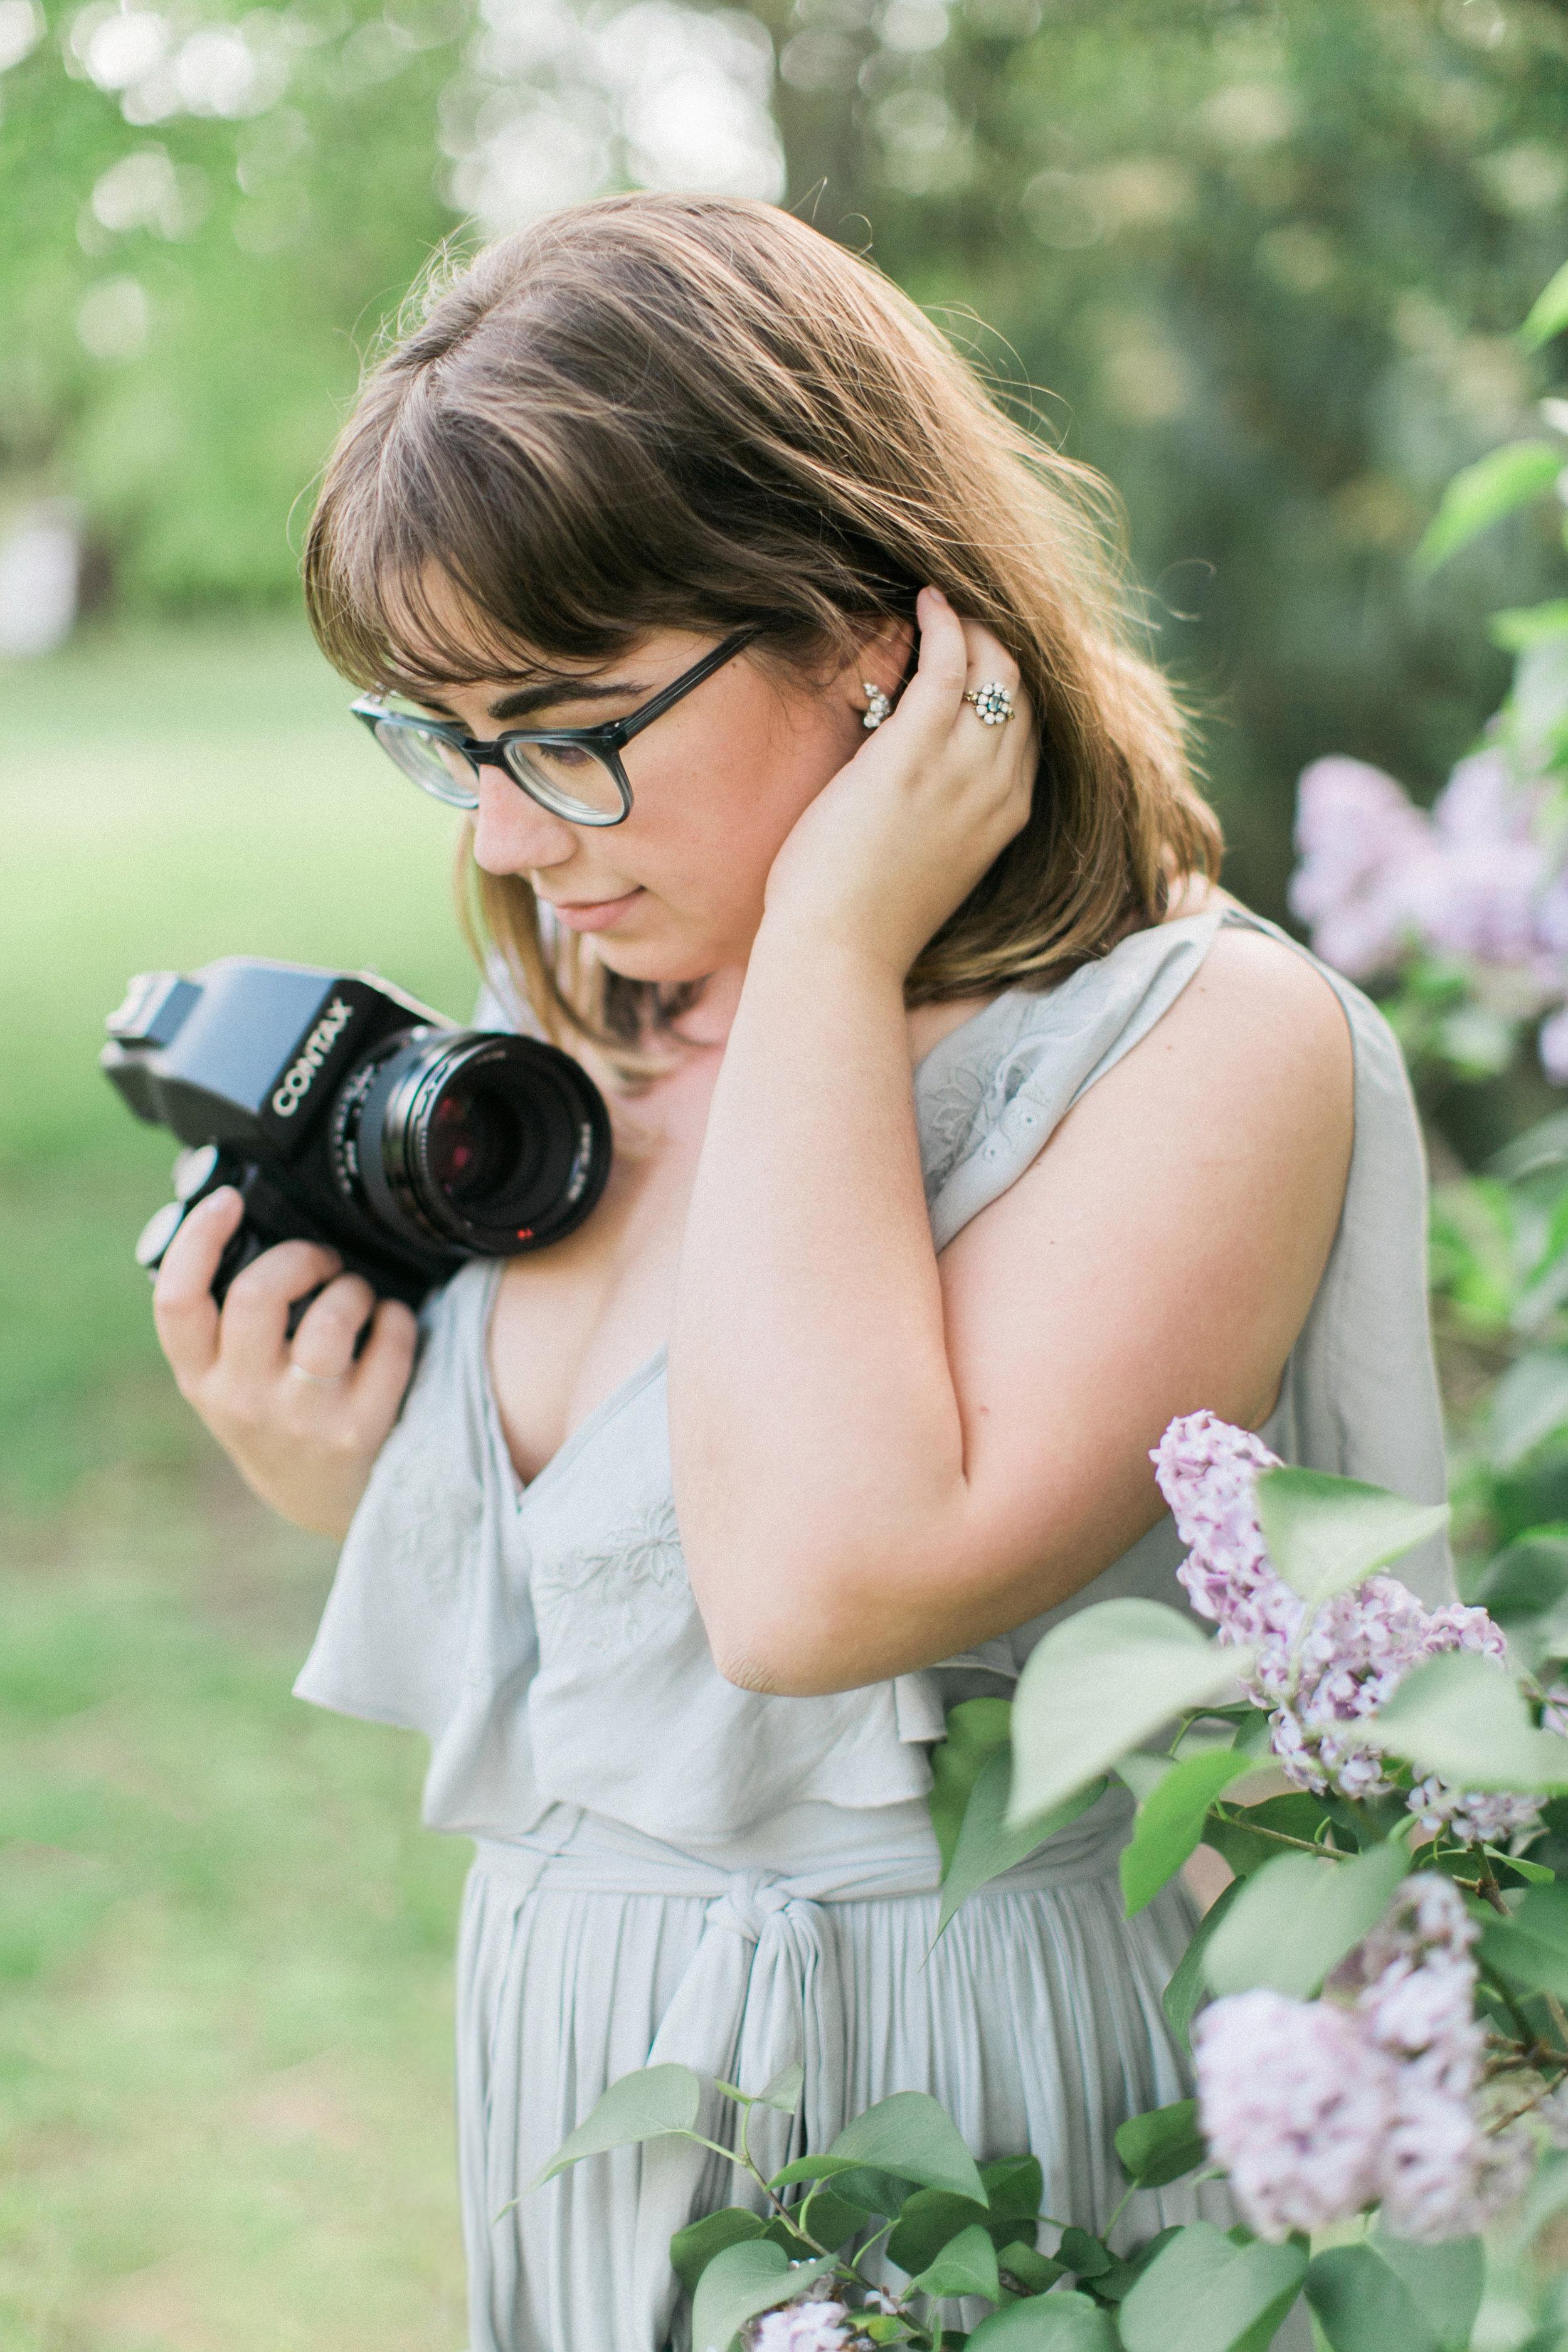 sophiekayephotography.com